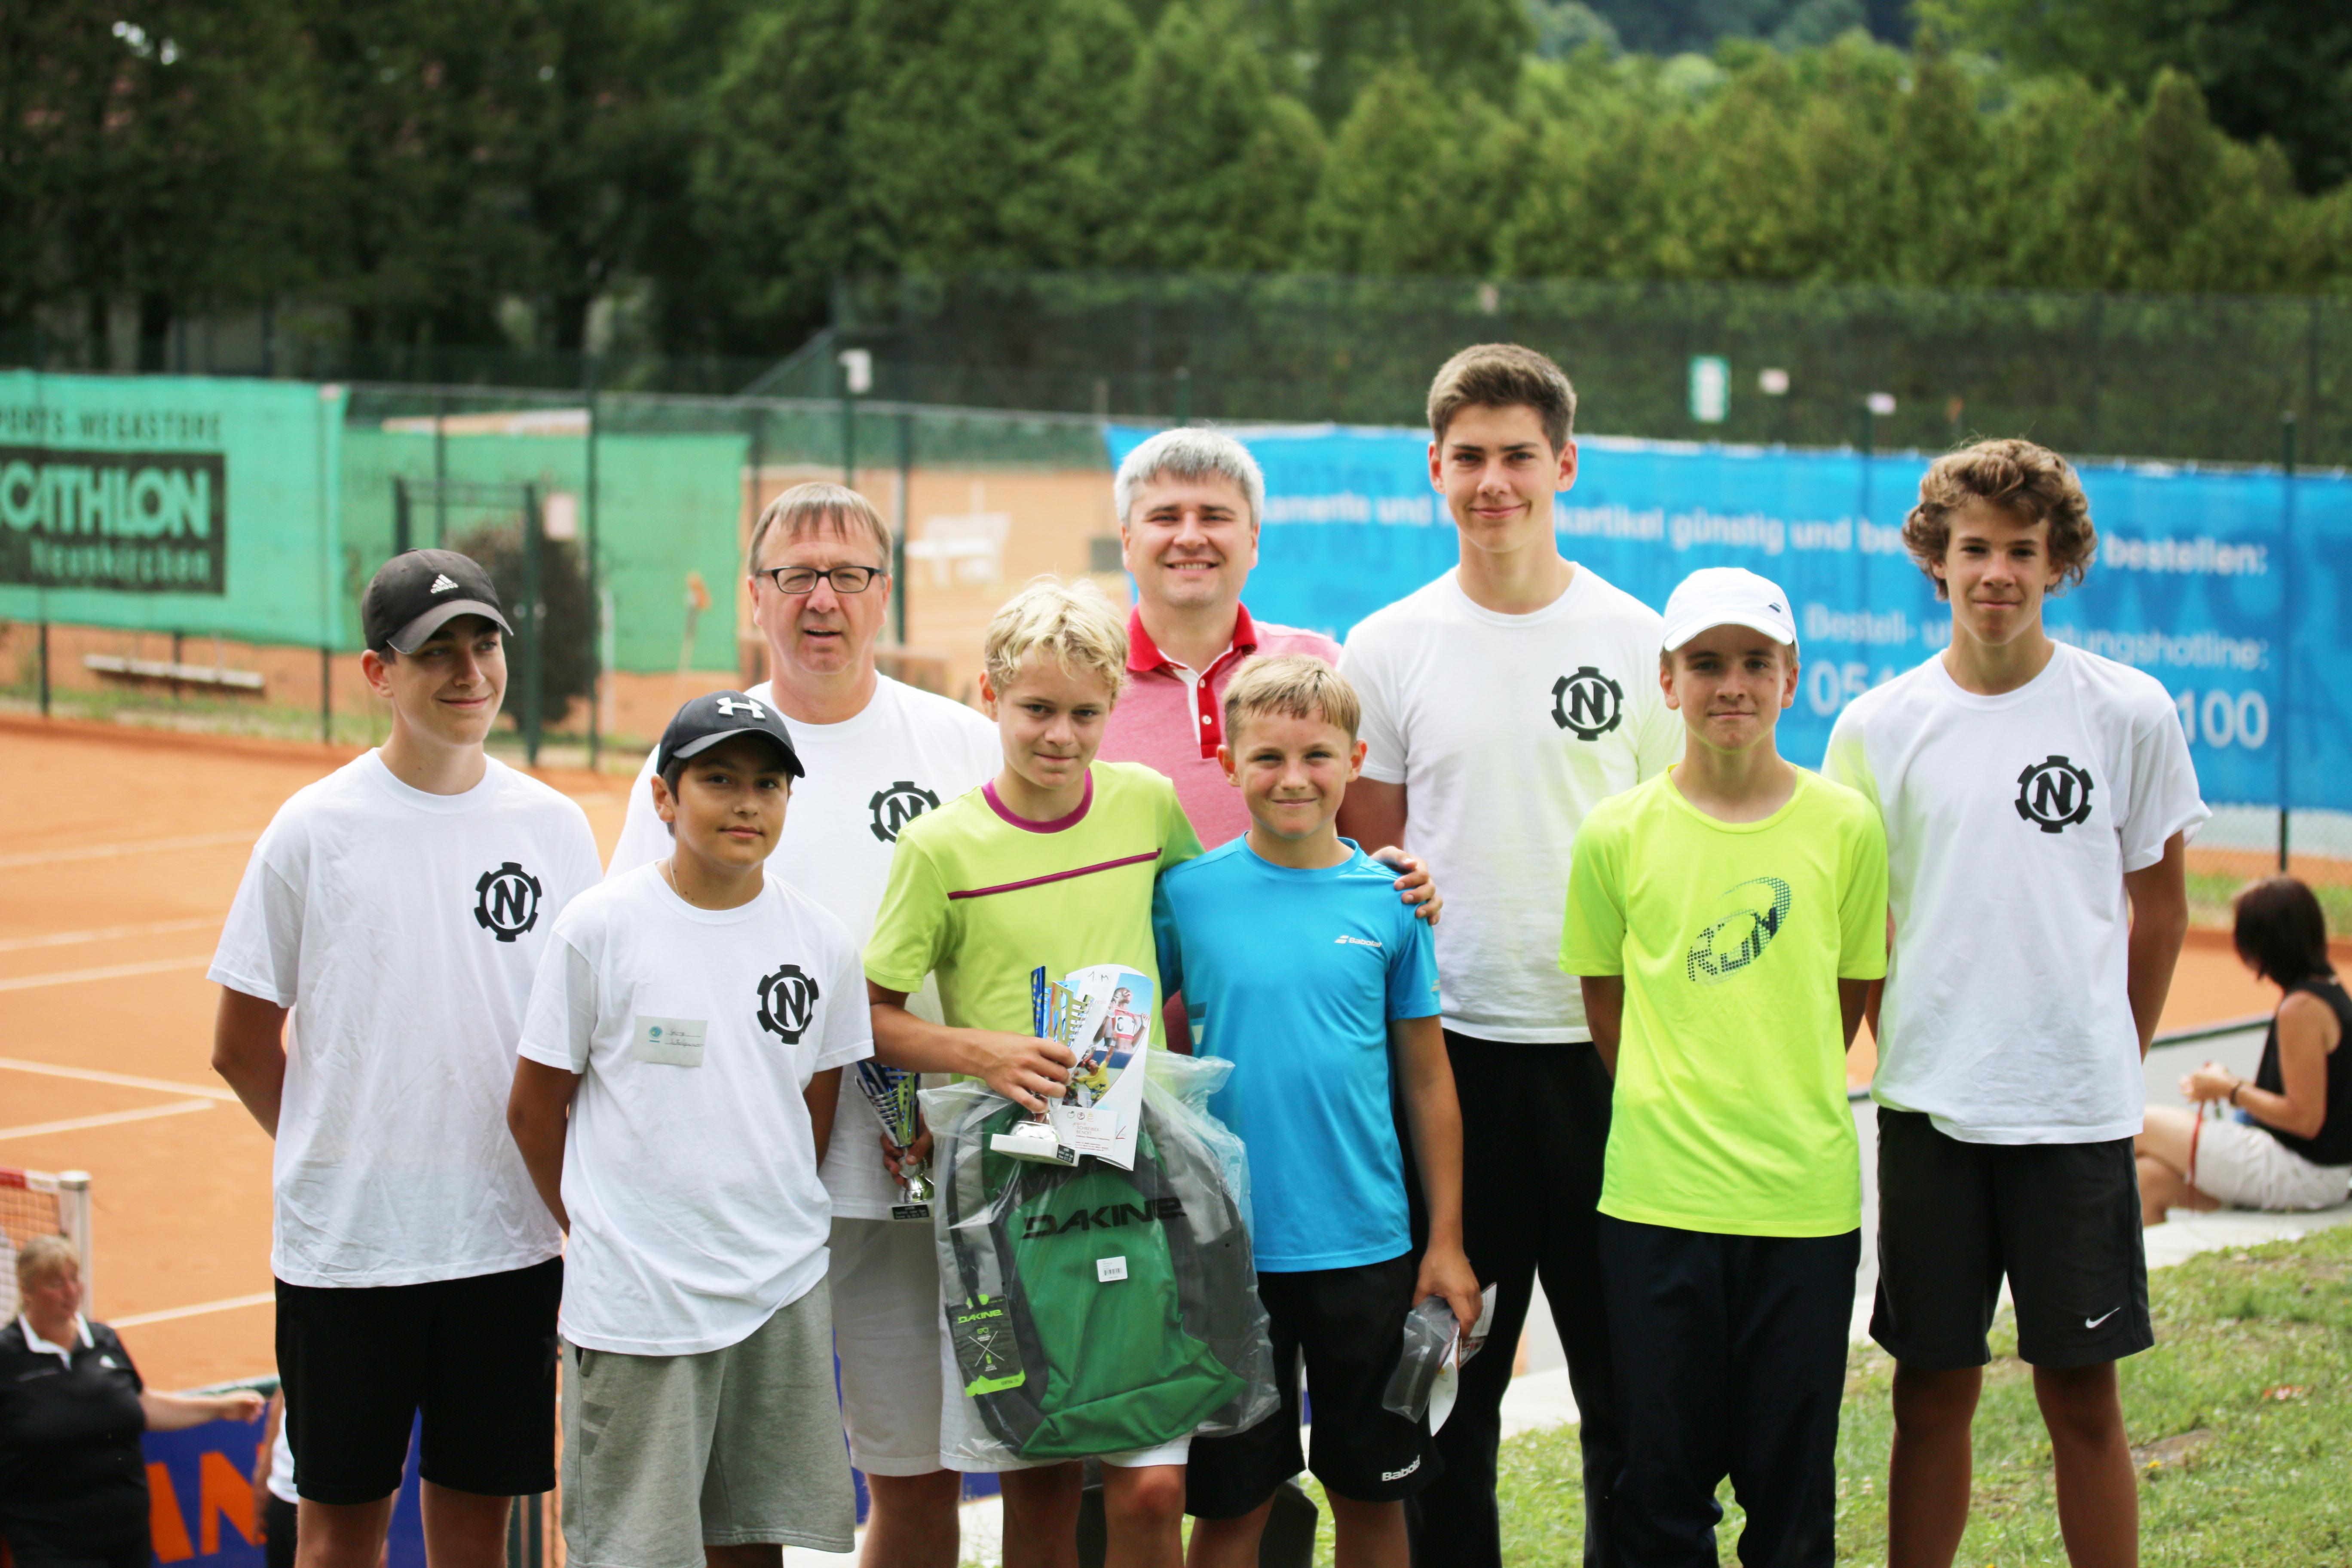 Turnierdirektor Hinter Horsch mit den den beiden Finalisten des Jungen-Endspiels und den Ballkindern mit Oberschiedsrichter Alexandr Kulik